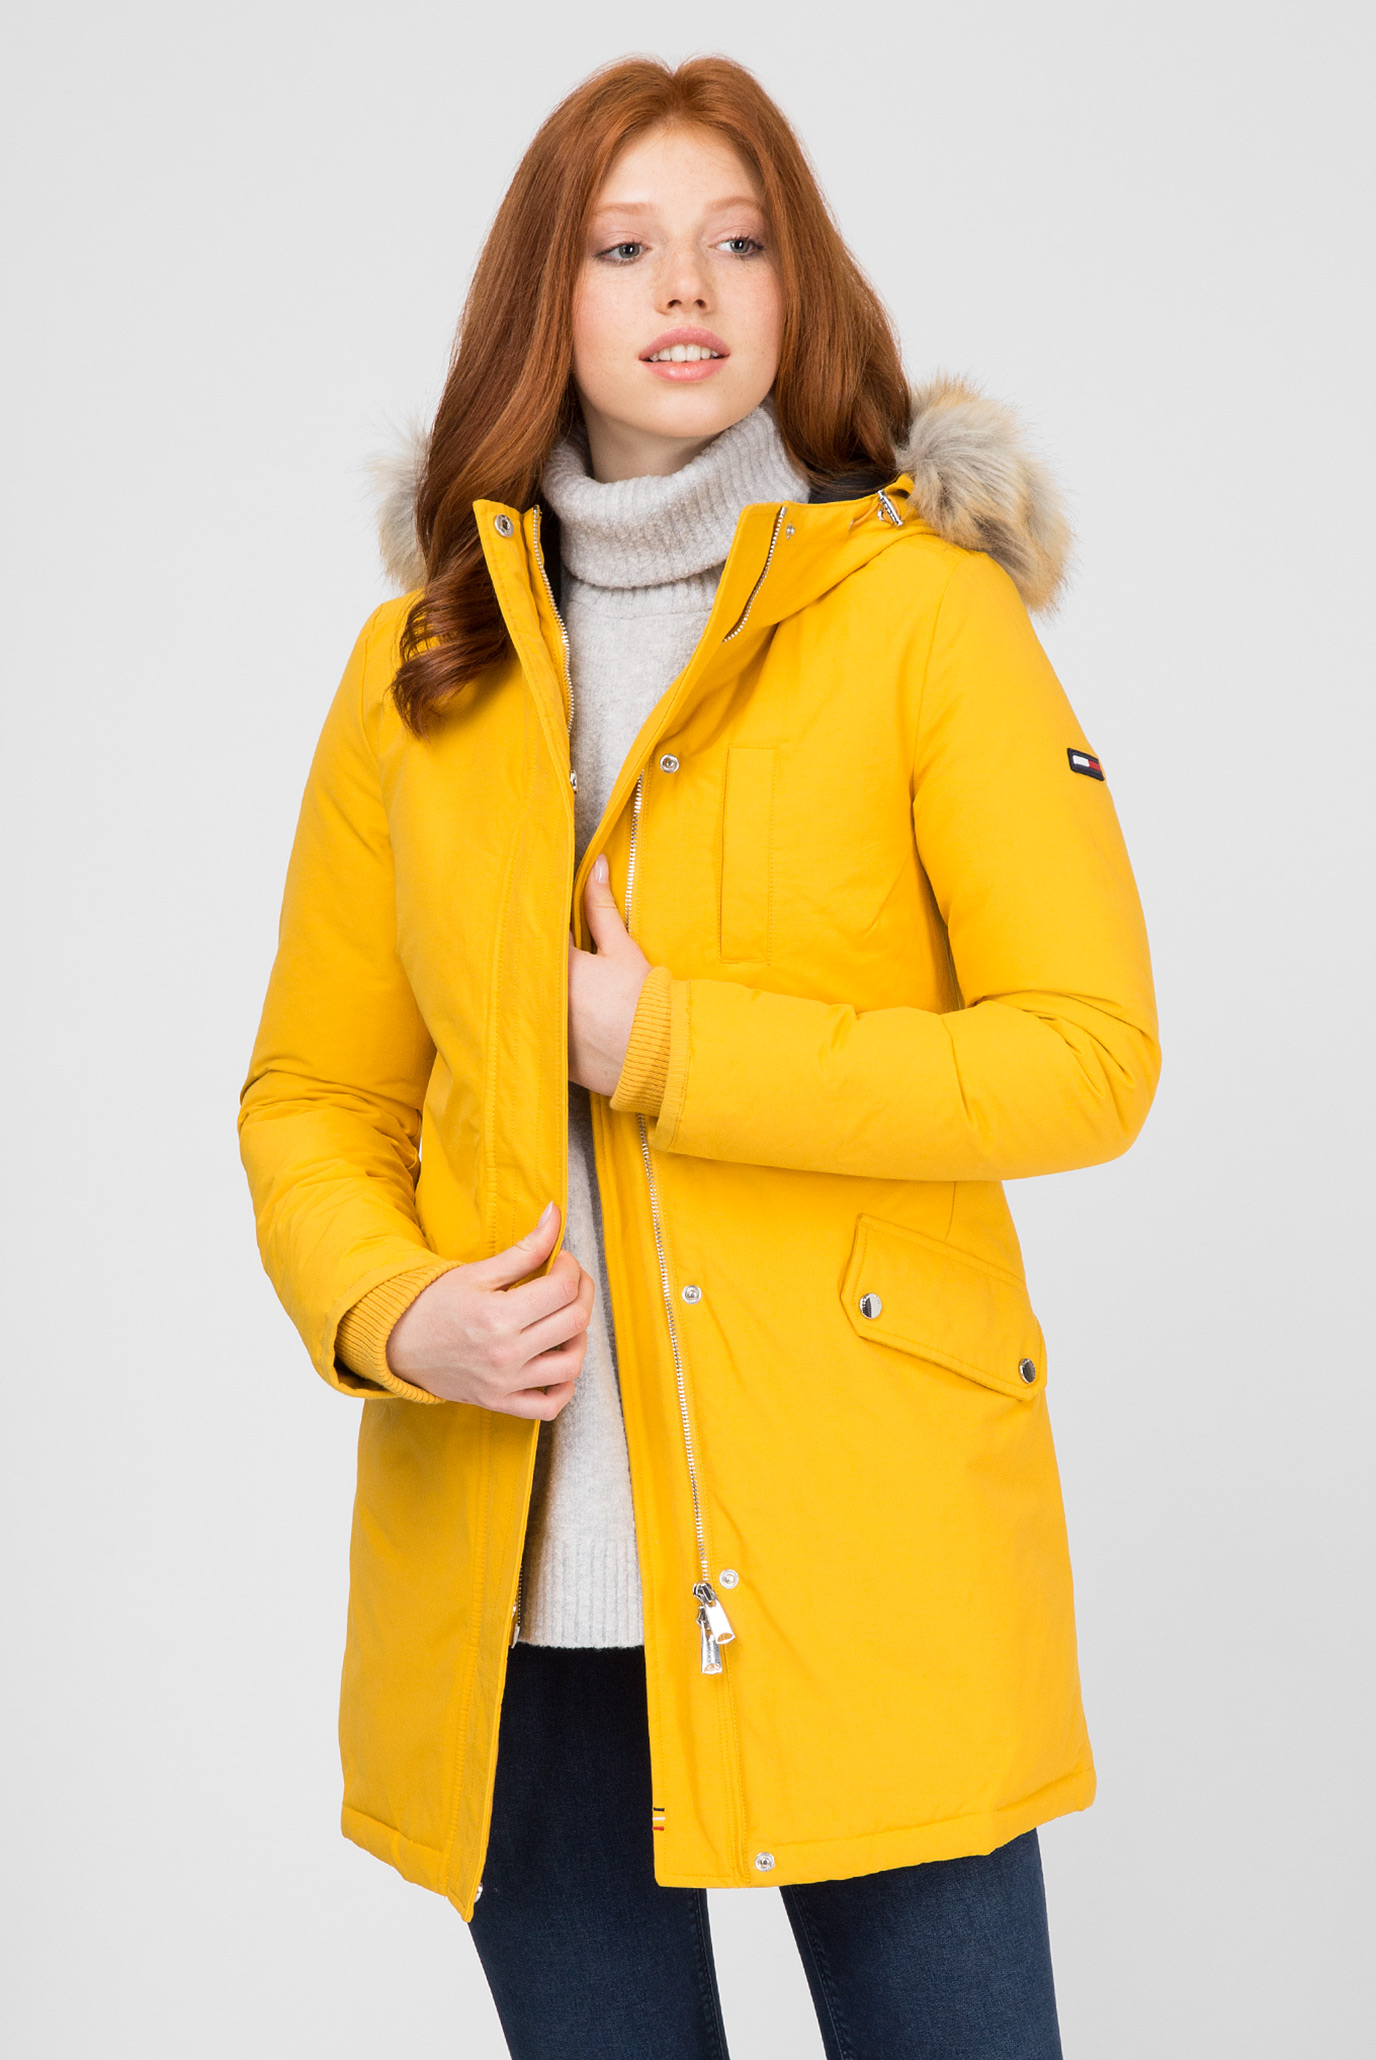 Купить Женская желтая пуховая парка Tommy Hilfiger Tommy Hilfiger DW0DW05165 – Киев, Украина. Цены в интернет магазине MD Fashion